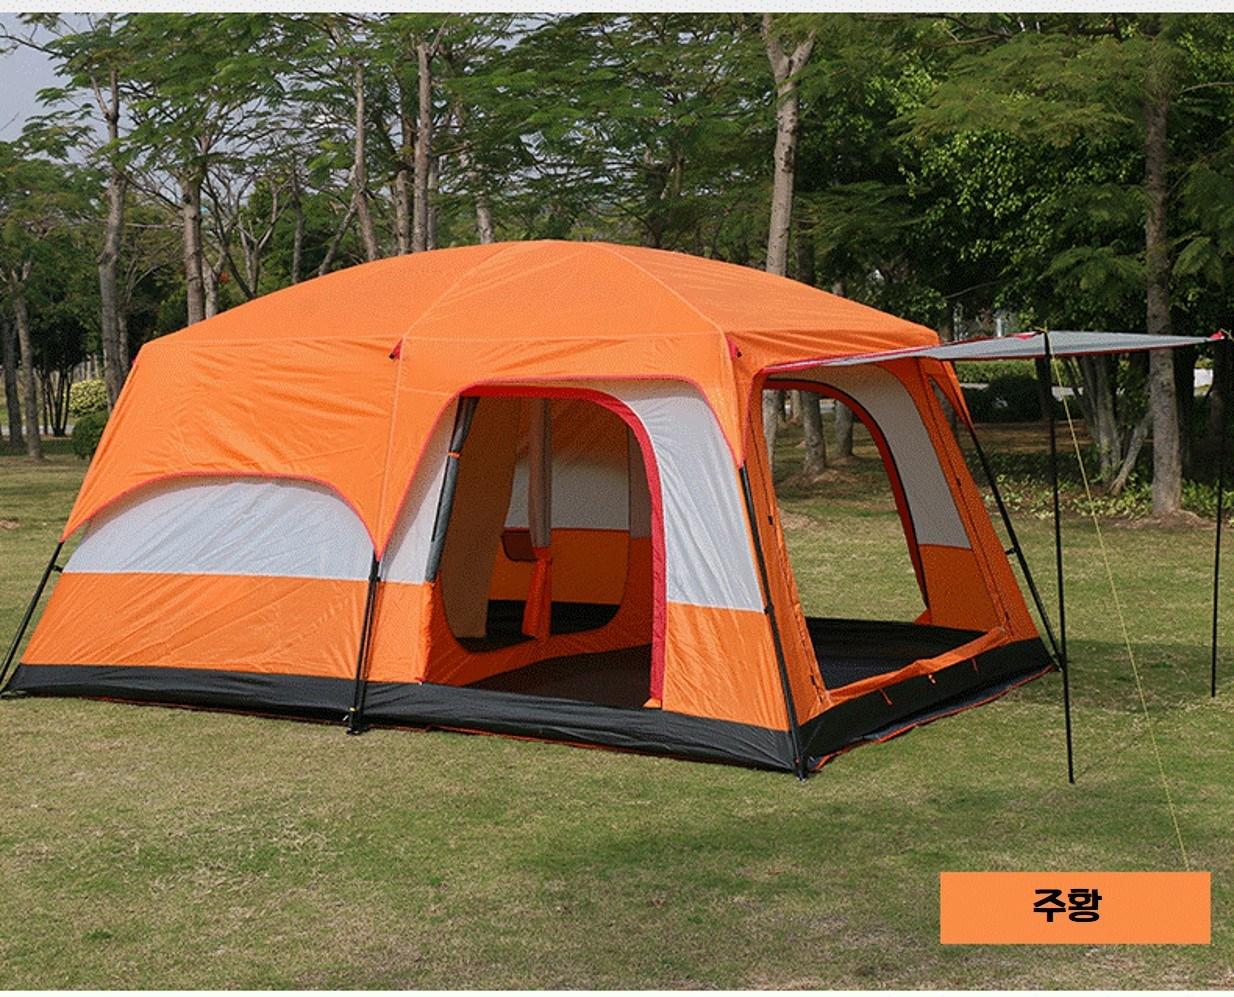 투룸 텐트 돔 겨울 쉘터 거실형 텐트, 주황